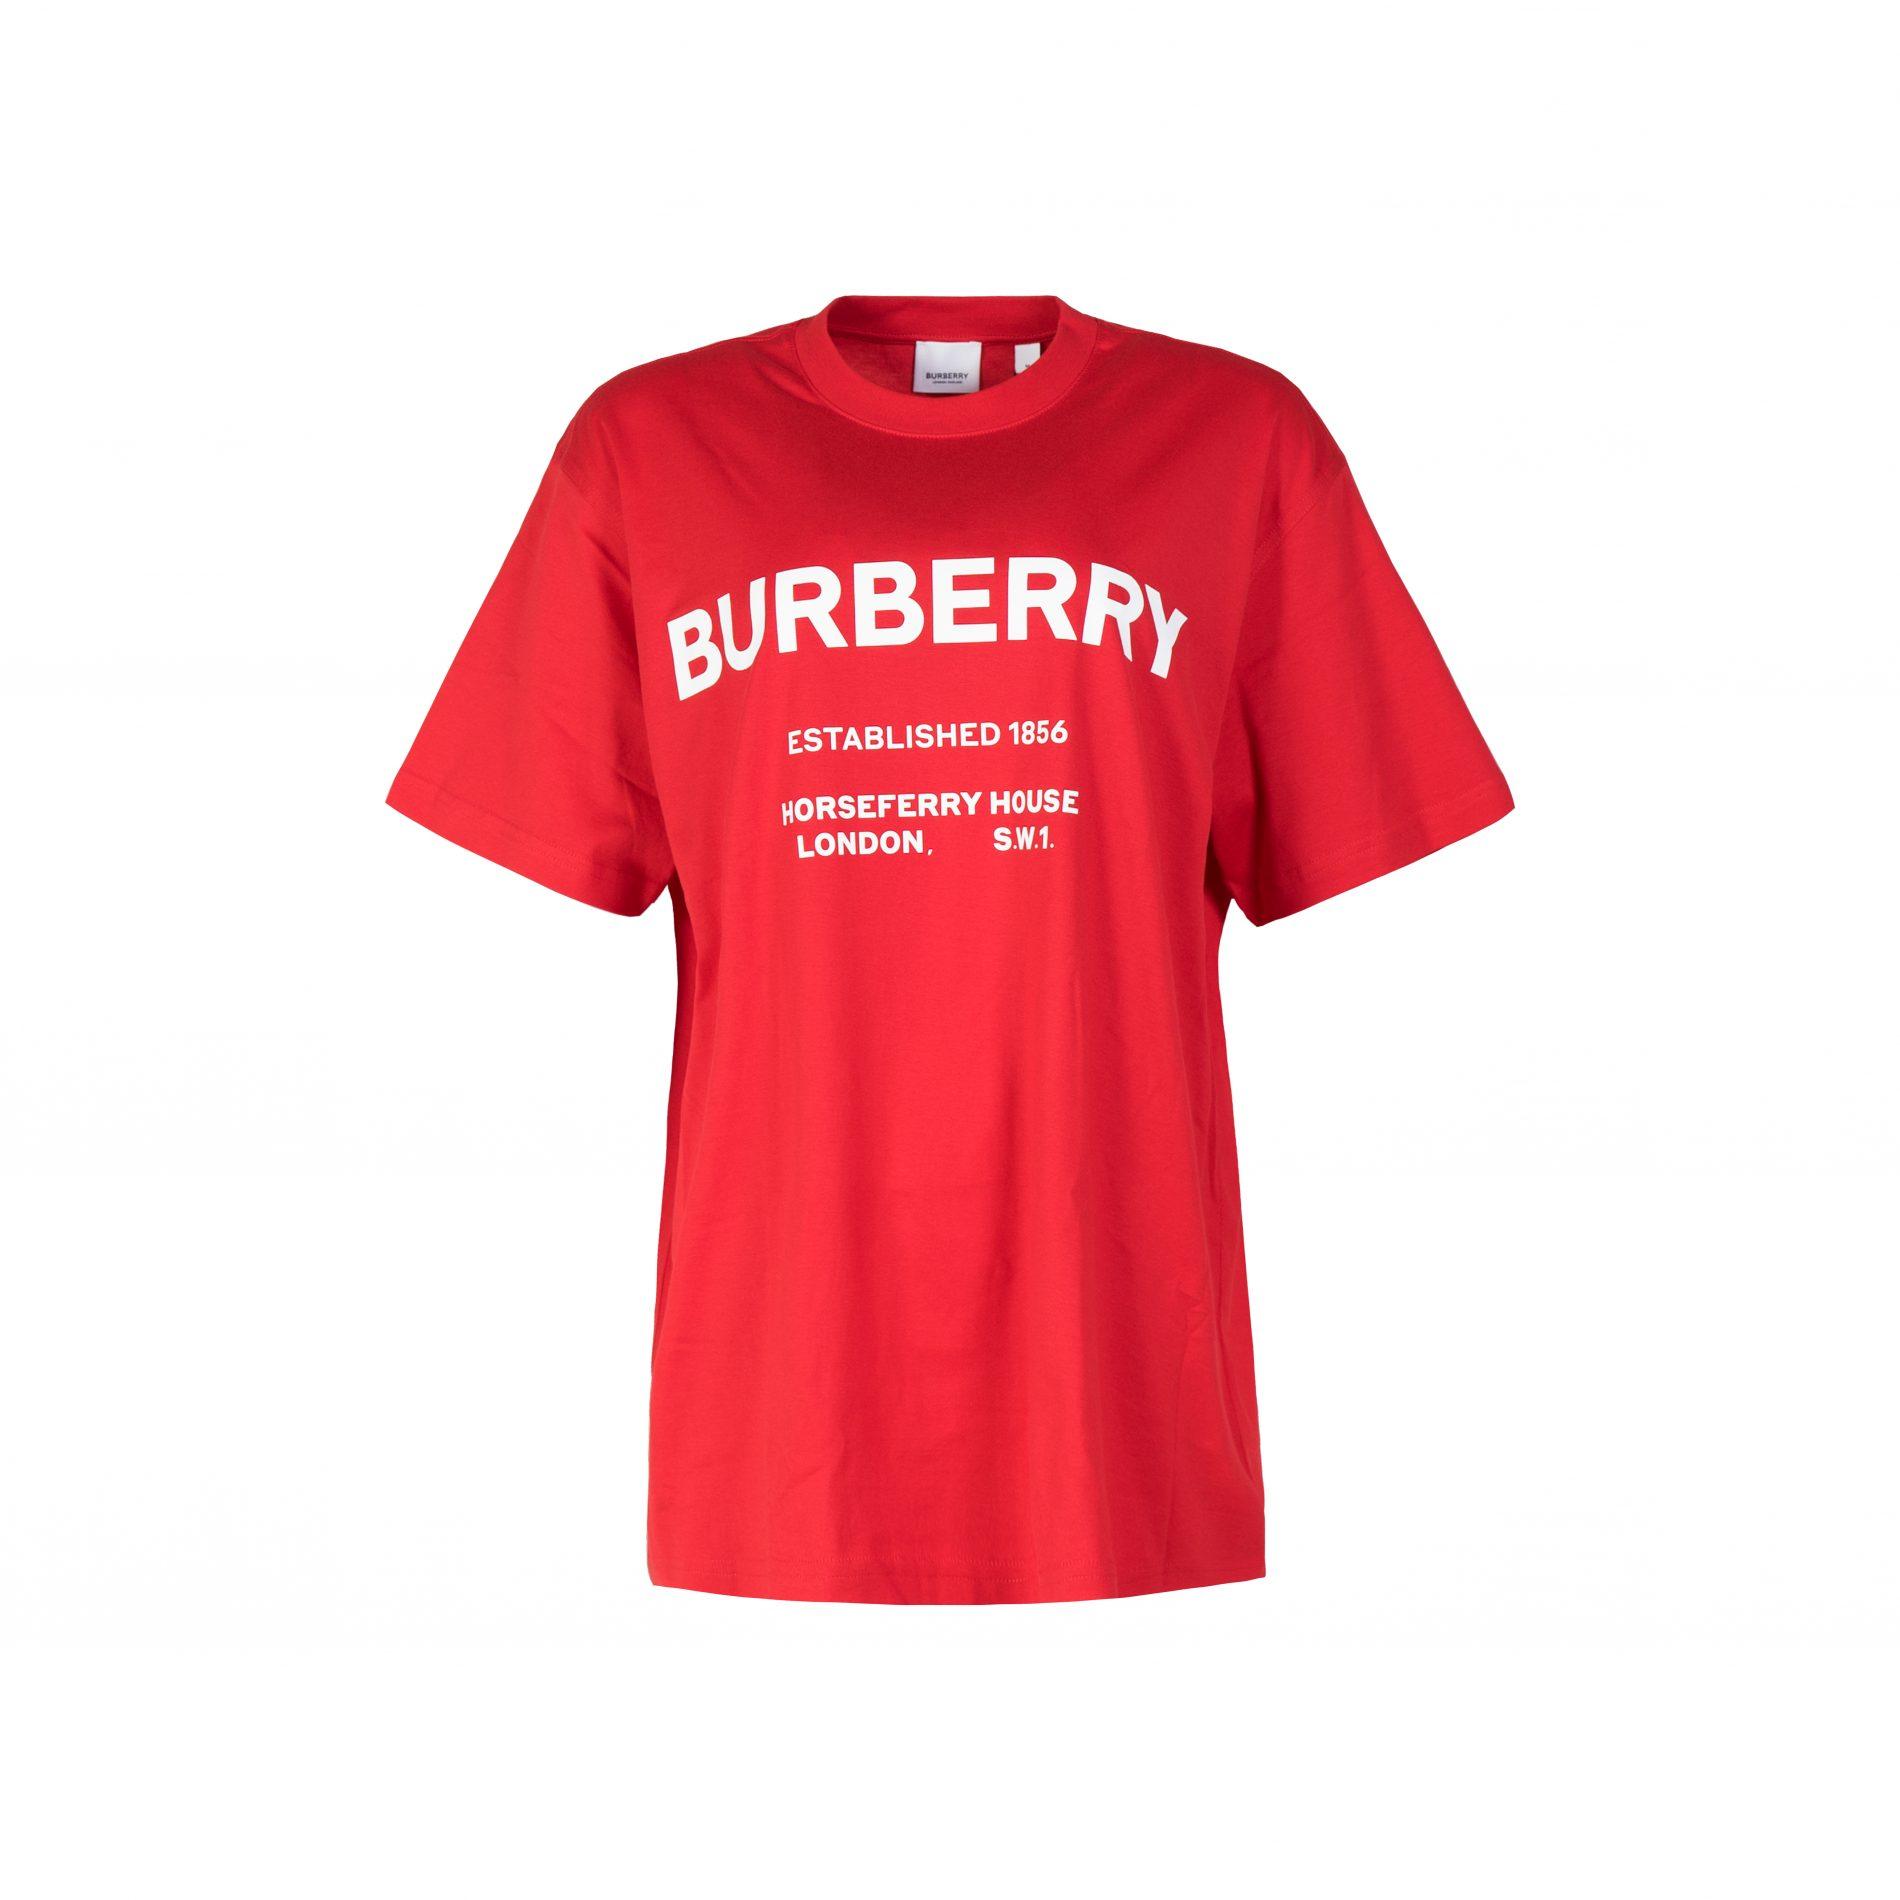 burberry2 copy